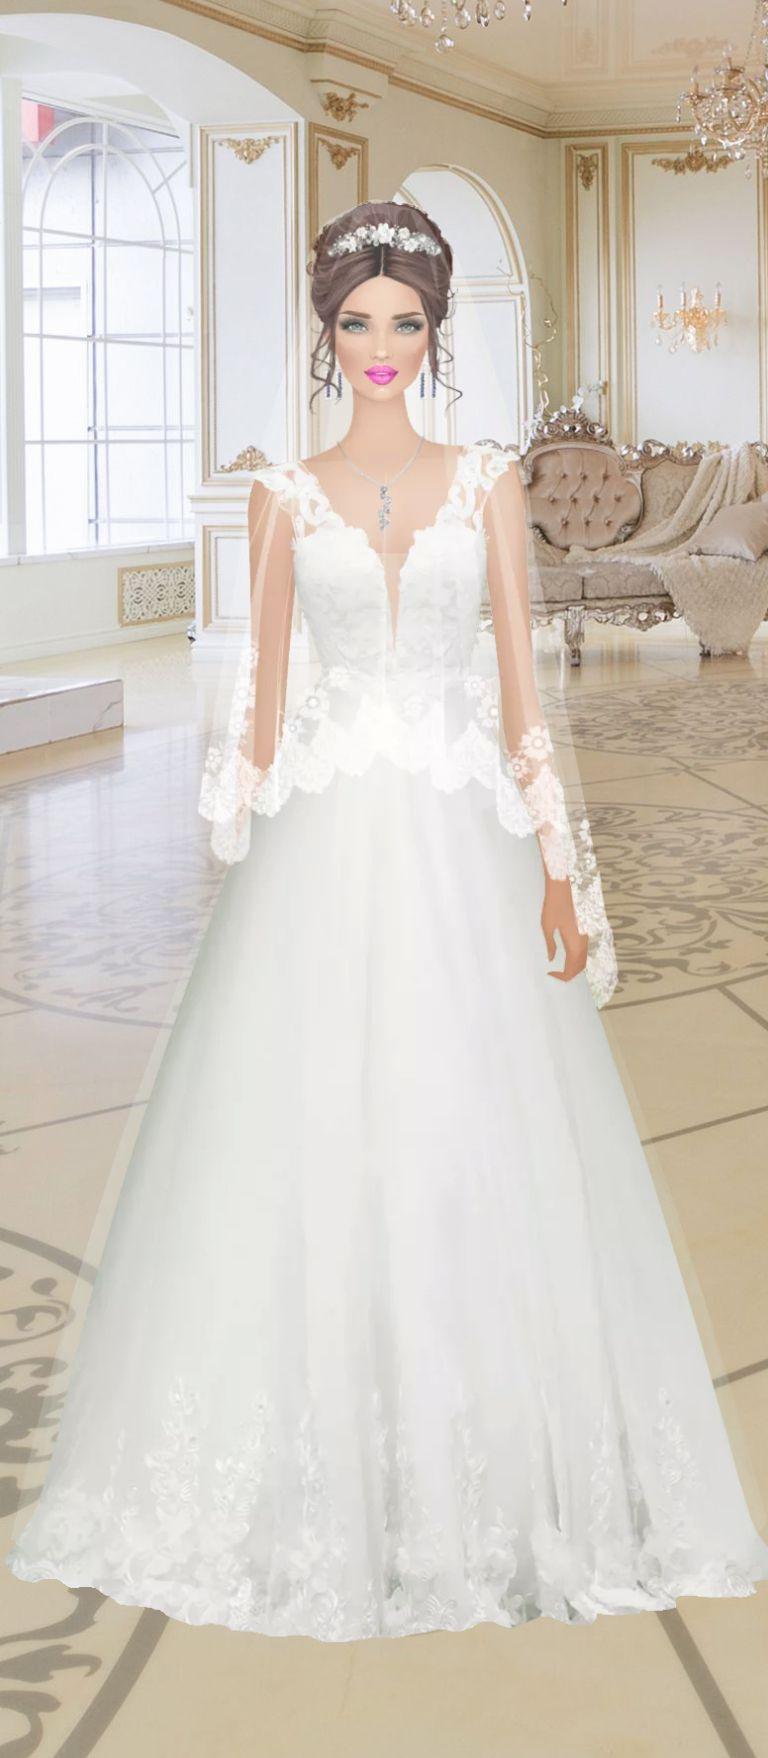 Wedding Dress Designers Games.Covet Fashion My Covet Creations Fashion Fashion